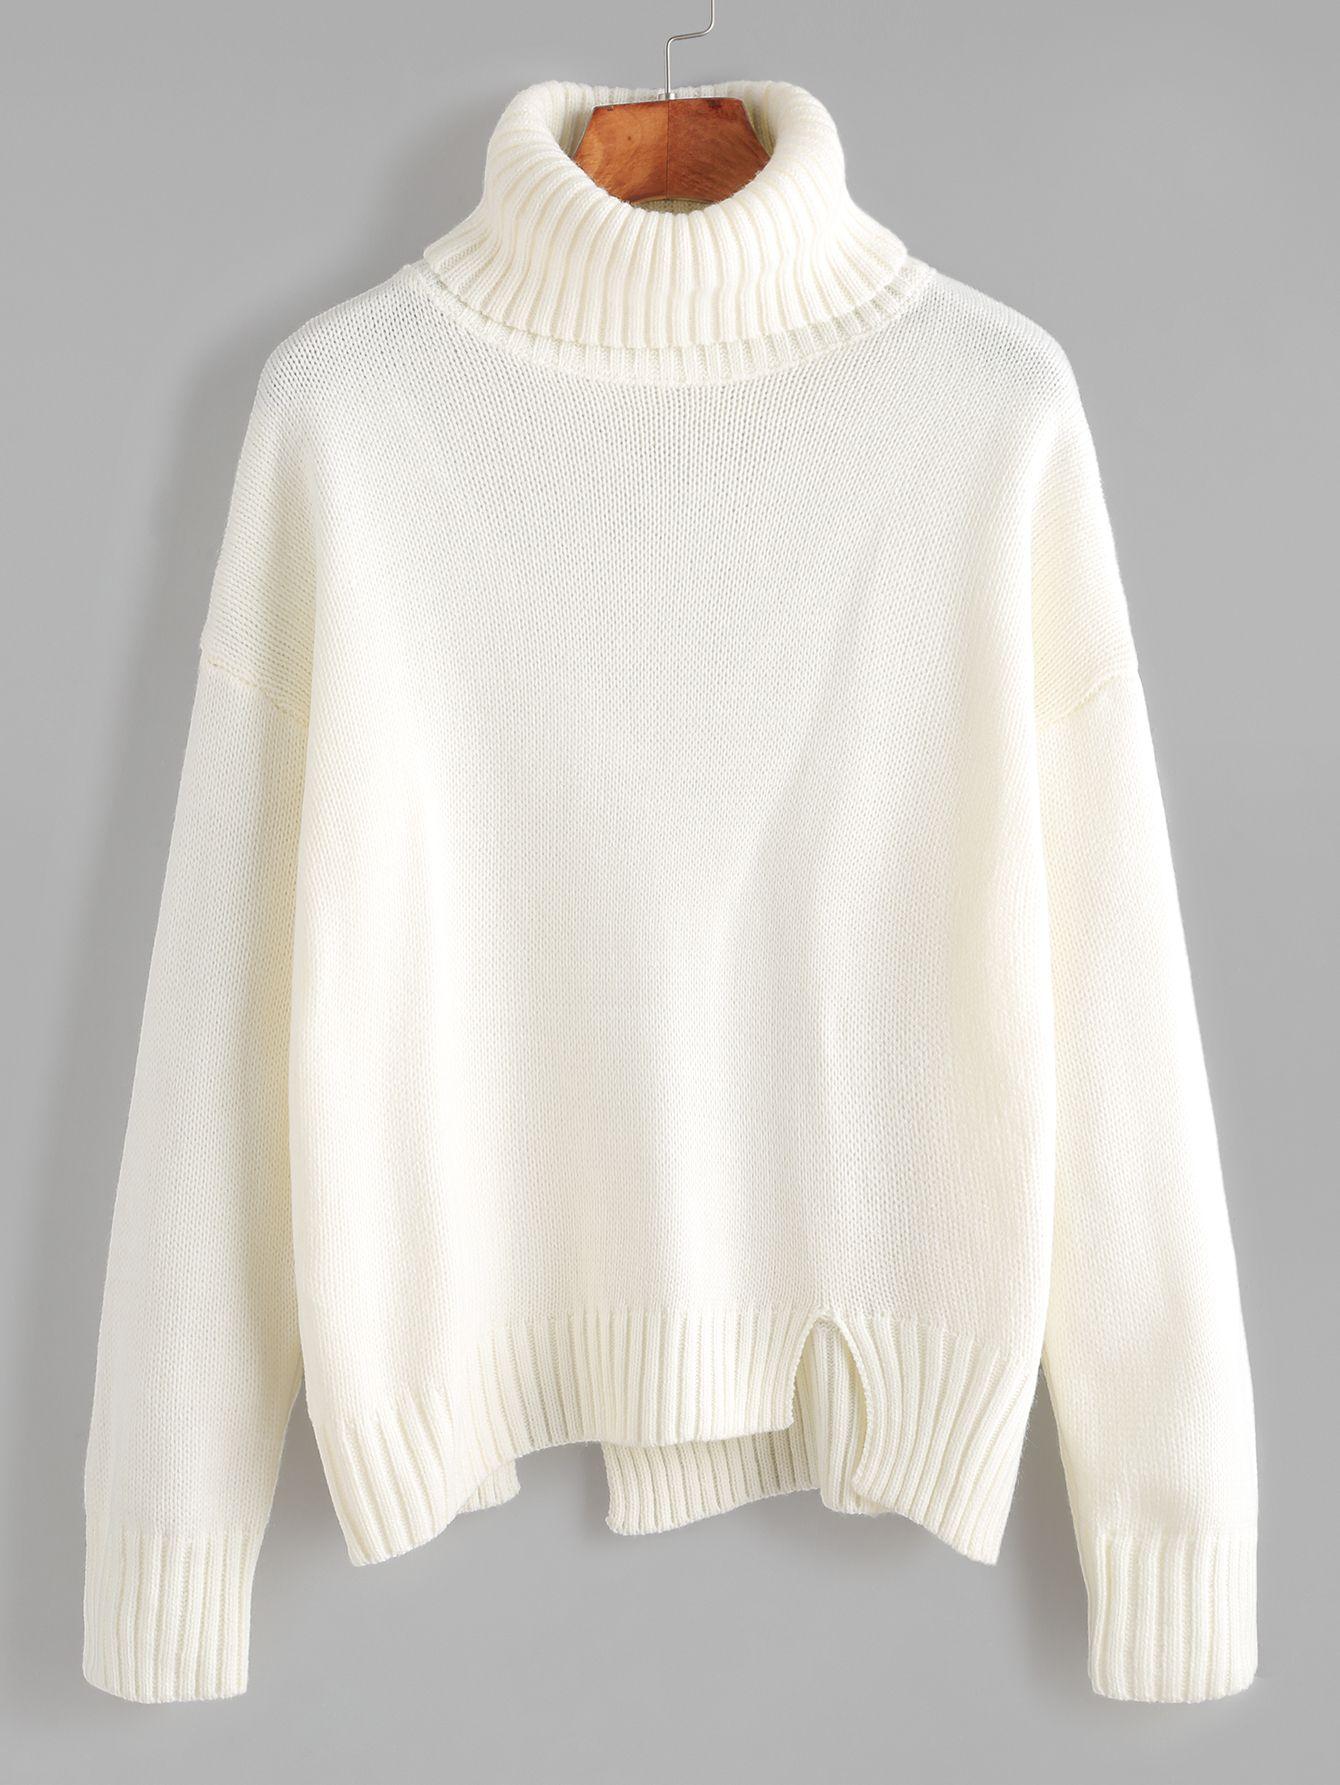 Compra para mujer suéter blanco online al por mayor de